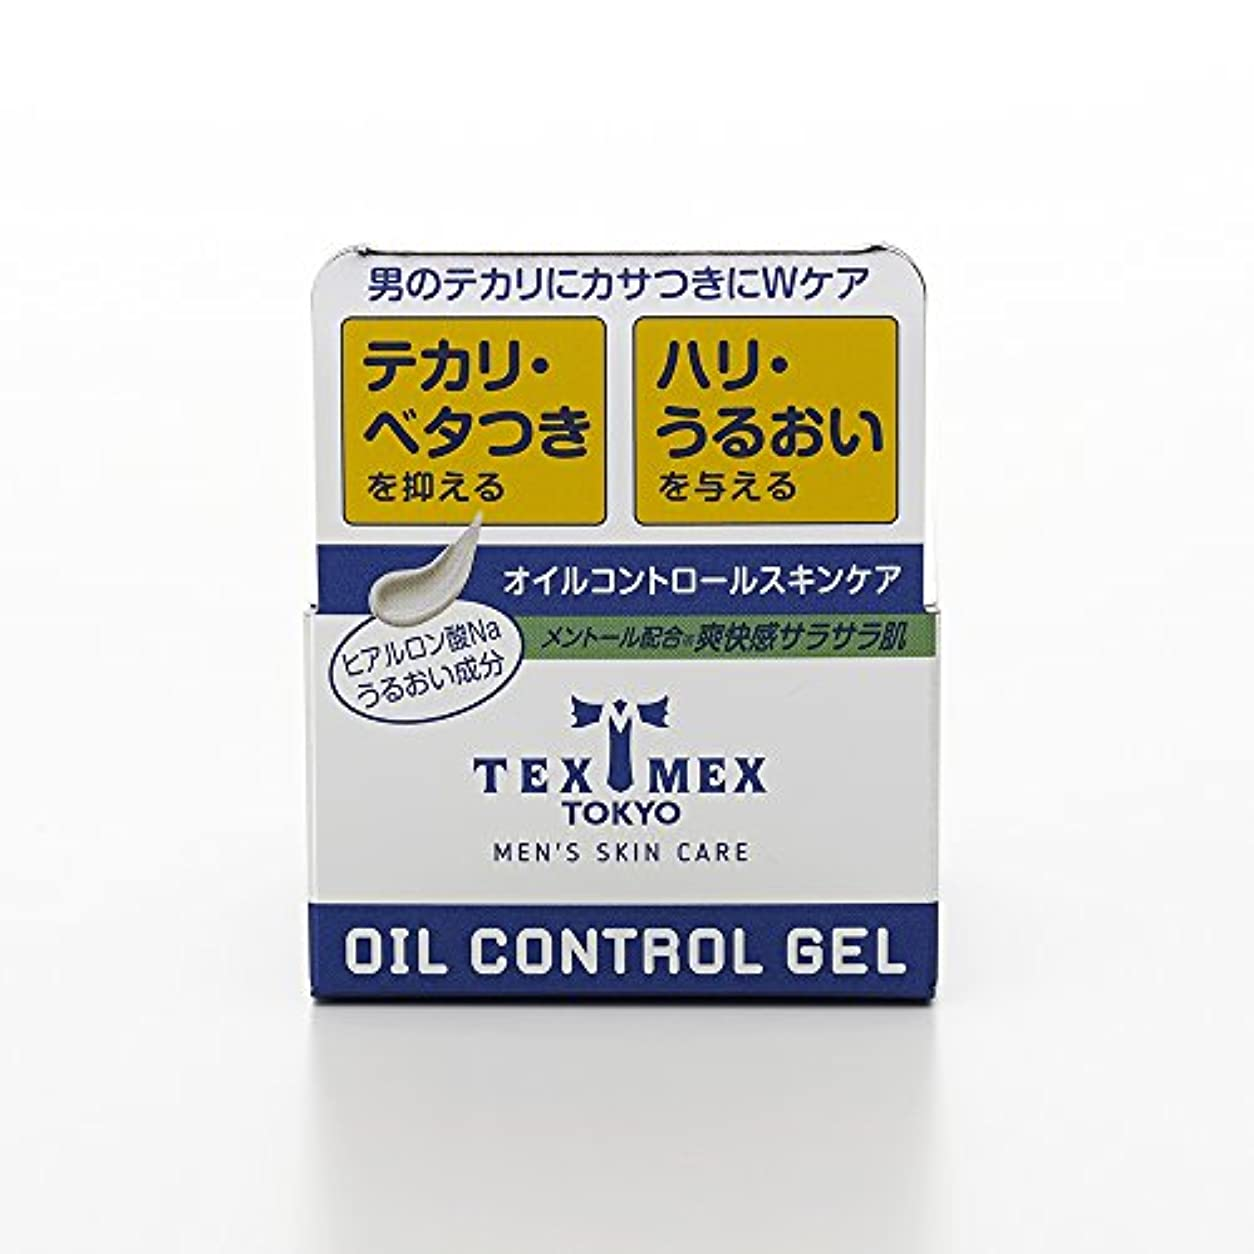 むしゃむしゃ超音速学ぶテックスメックス オイルコントロールジェル 24g (テカリ防止ジェル) 【塗るだけでサラサラ肌に】